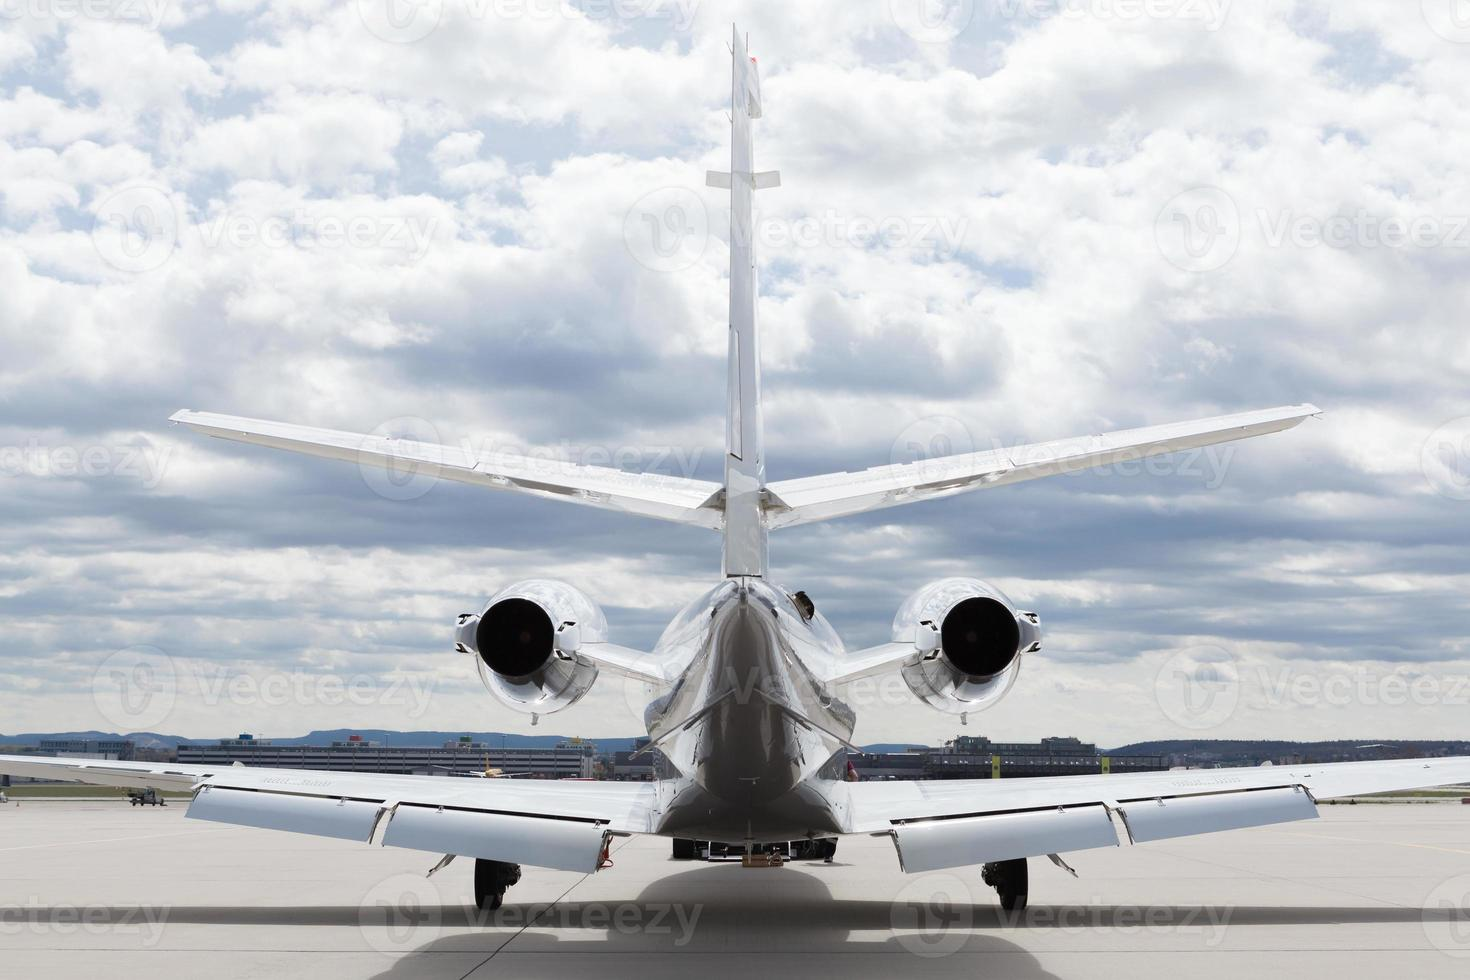 vliegtuigen learjet vliegtuig voor luchthaven met bewolkte hemel foto